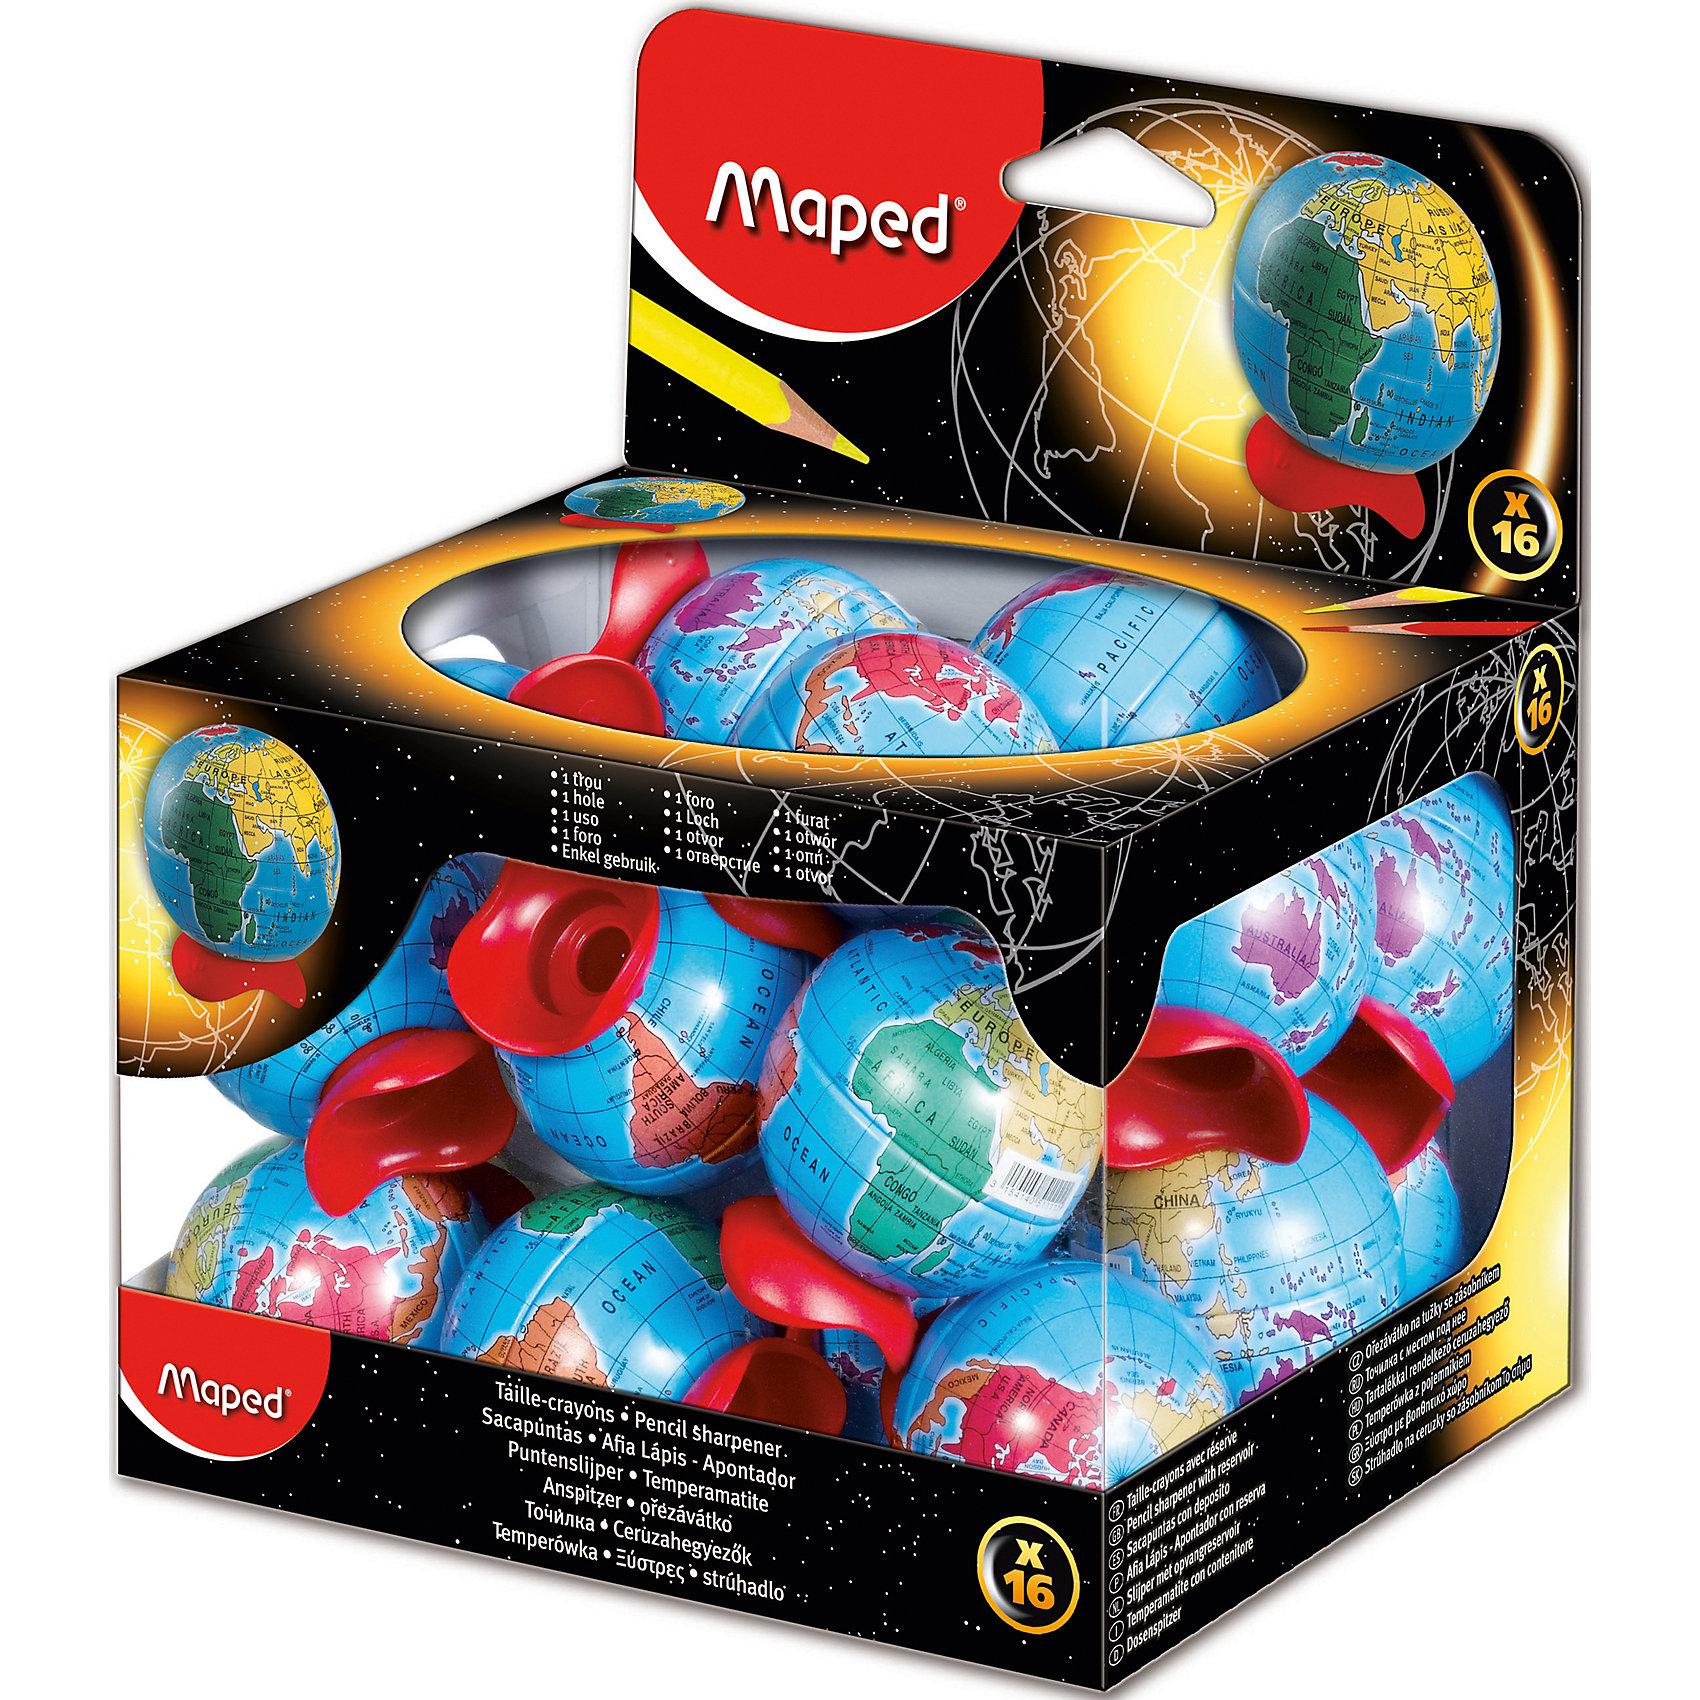 Точилка ГЛОБУС, MAPEDПисьменные принадлежности<br>Точилка GLOBE 1 отверстие с контейнером в виде глобуса. Контейнер металлический. Яркий и классический дизайн.<br><br>Ширина мм: 50<br>Глубина мм: 43<br>Высота мм: 43<br>Вес г: 15<br>Возраст от месяцев: 72<br>Возраст до месяцев: 2147483647<br>Пол: Унисекс<br>Возраст: Детский<br>SKU: 5530059